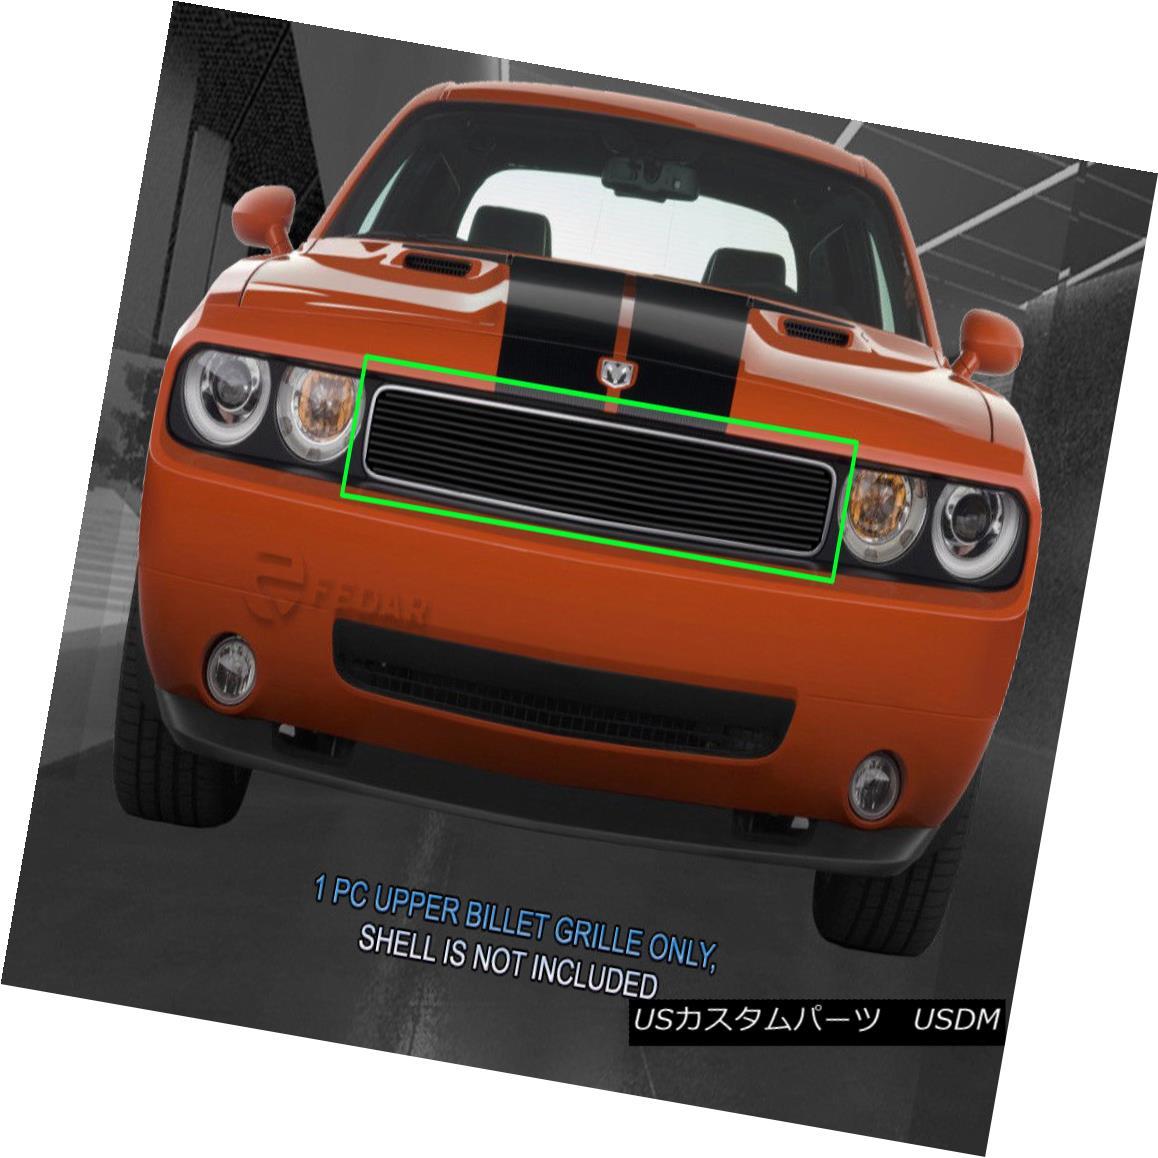 グリル Fits 2009 10 11 12 13 14 Dodge Challenger Black Billet Grille Upper Insert Fedar フィット2009 10 11 12 13 14ダッジチャレンジャーブラックビレットグリルアッパーインサートフェルダー